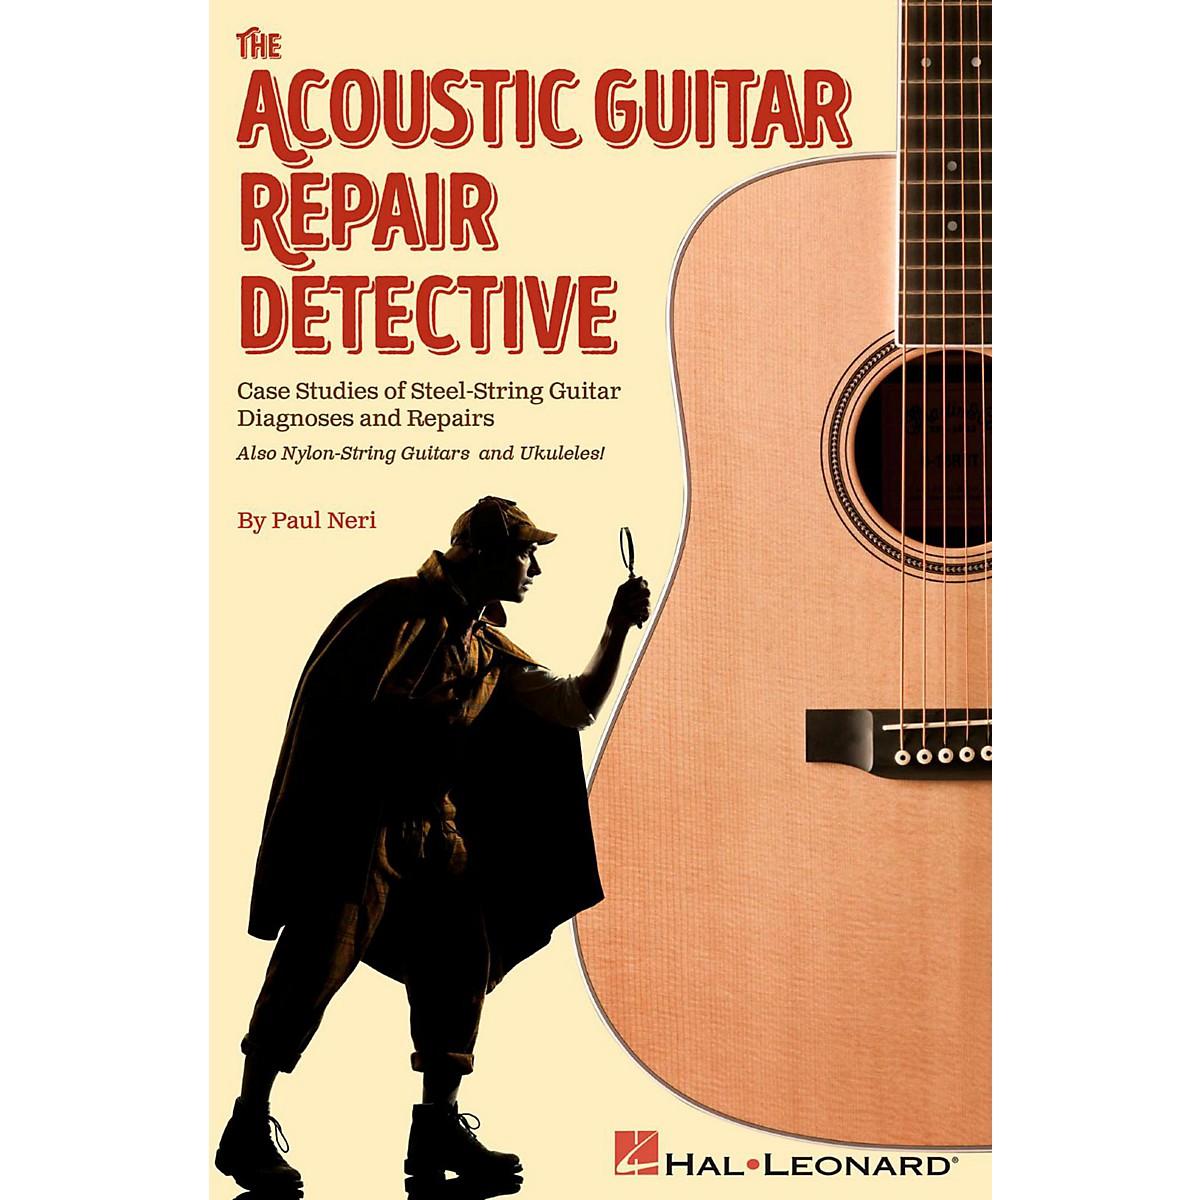 Hal Leonard The Acoustic Guitar Repair Detective - Case Studies of Steel-String Guitar Diagnoses and Repairs